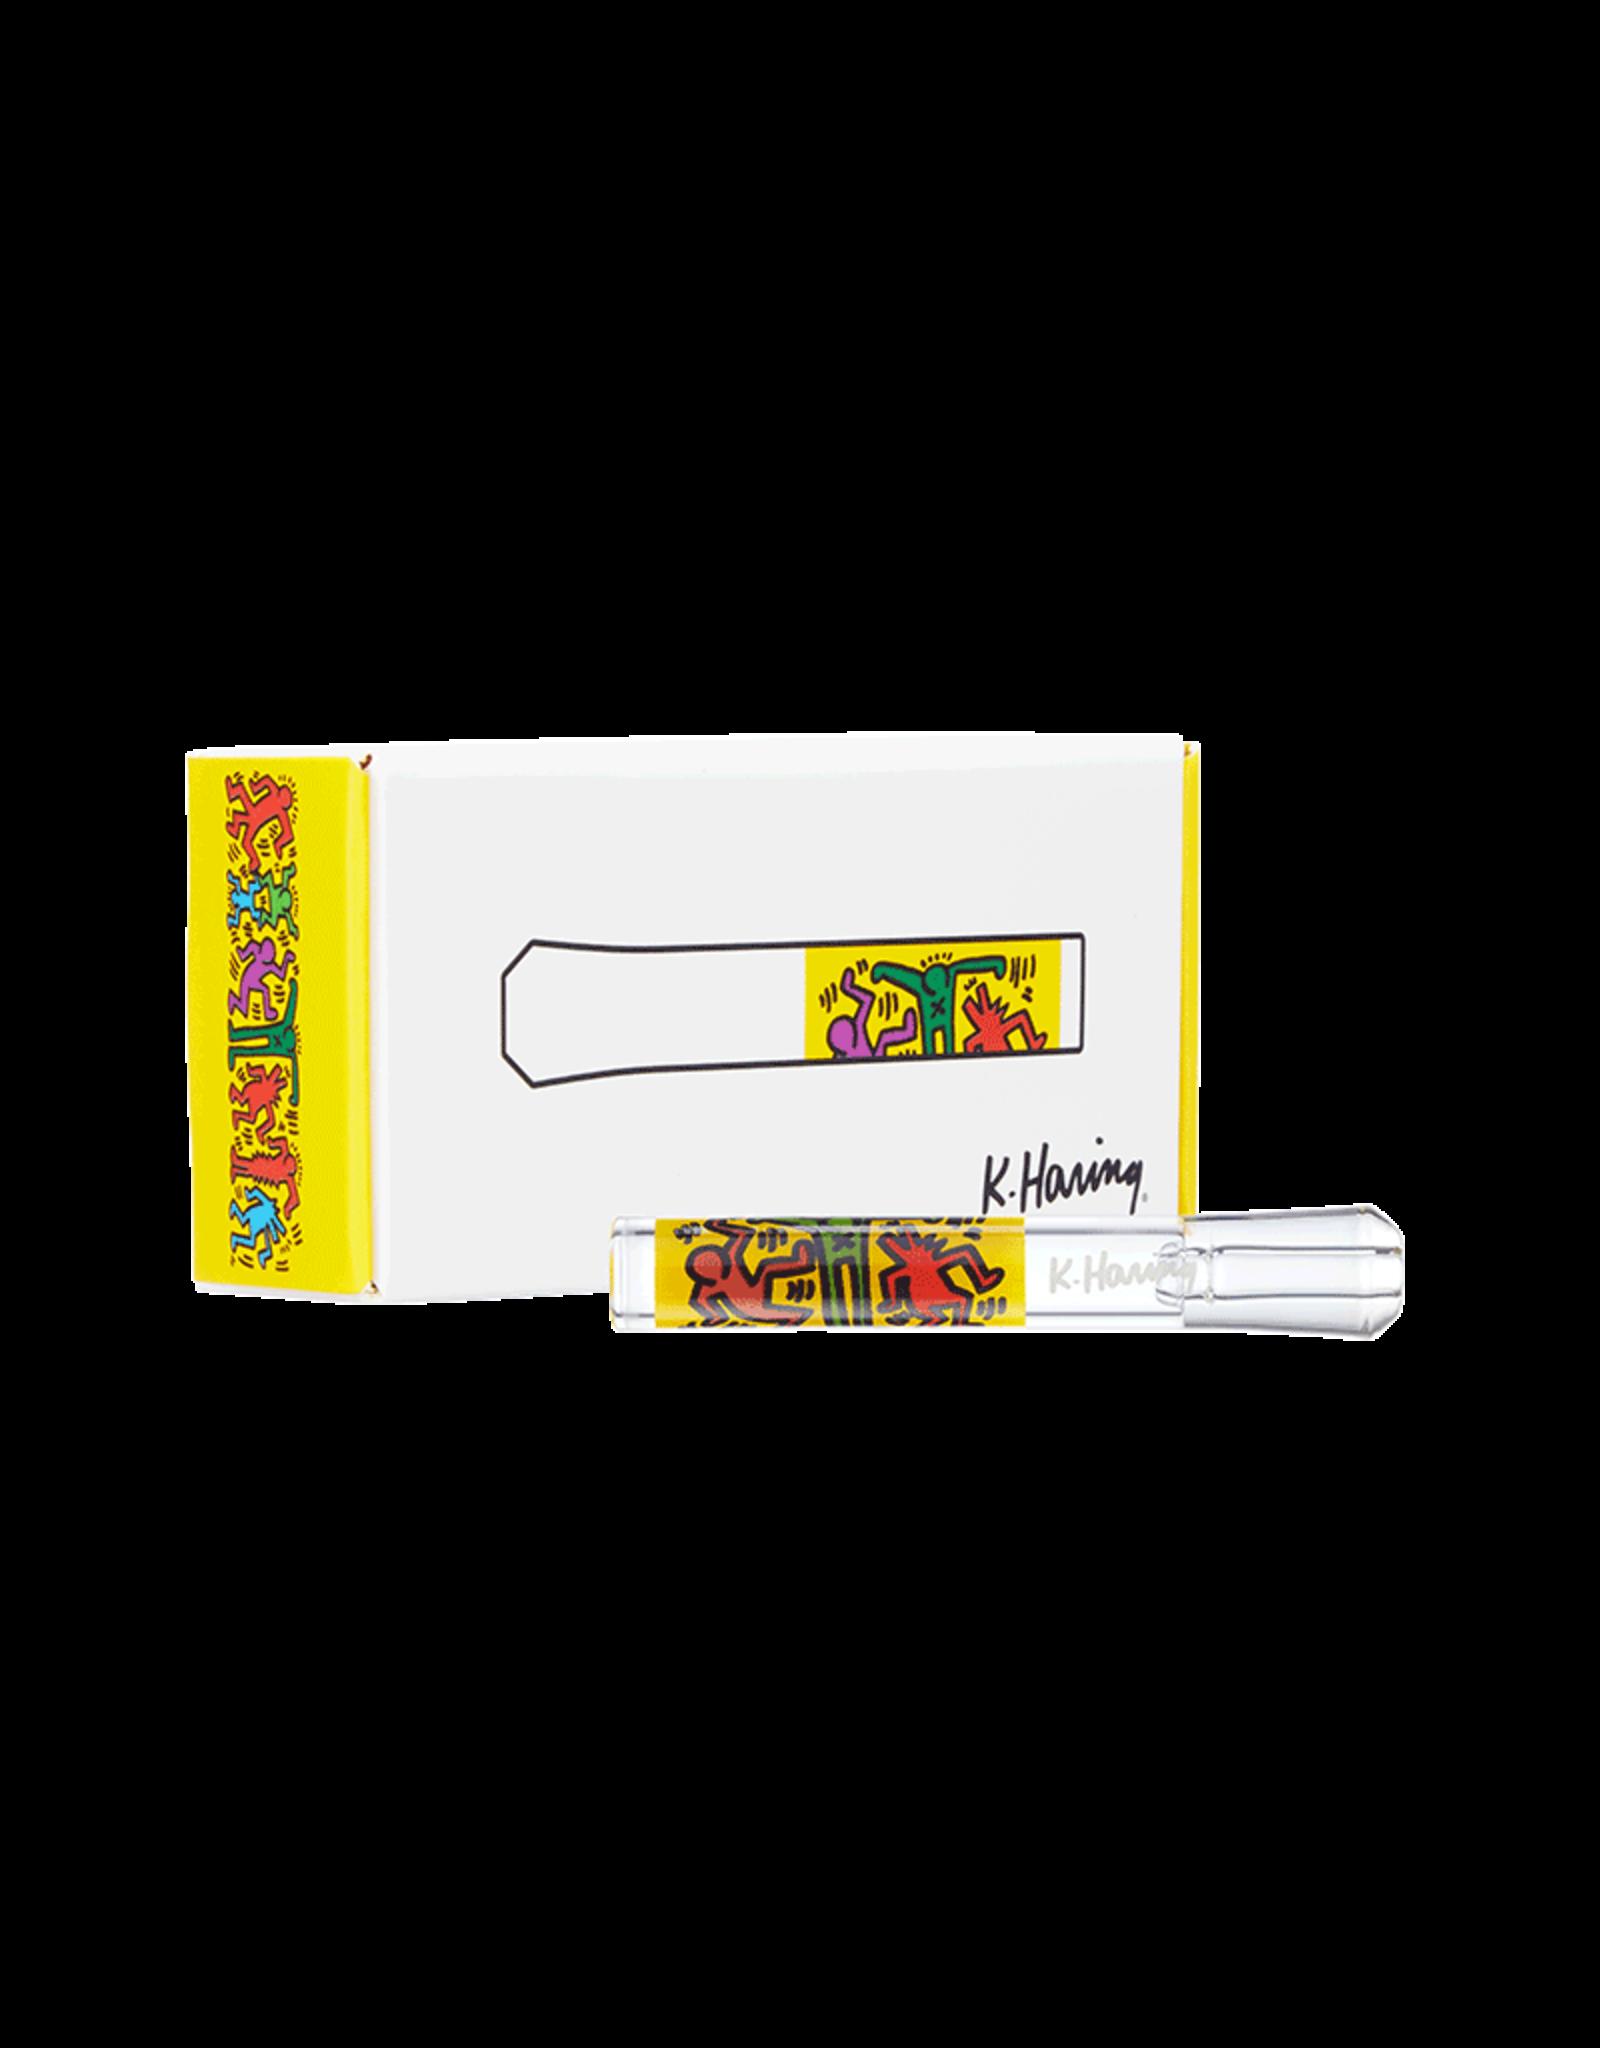 Keith Haring Keith Haring - Taster Yellow